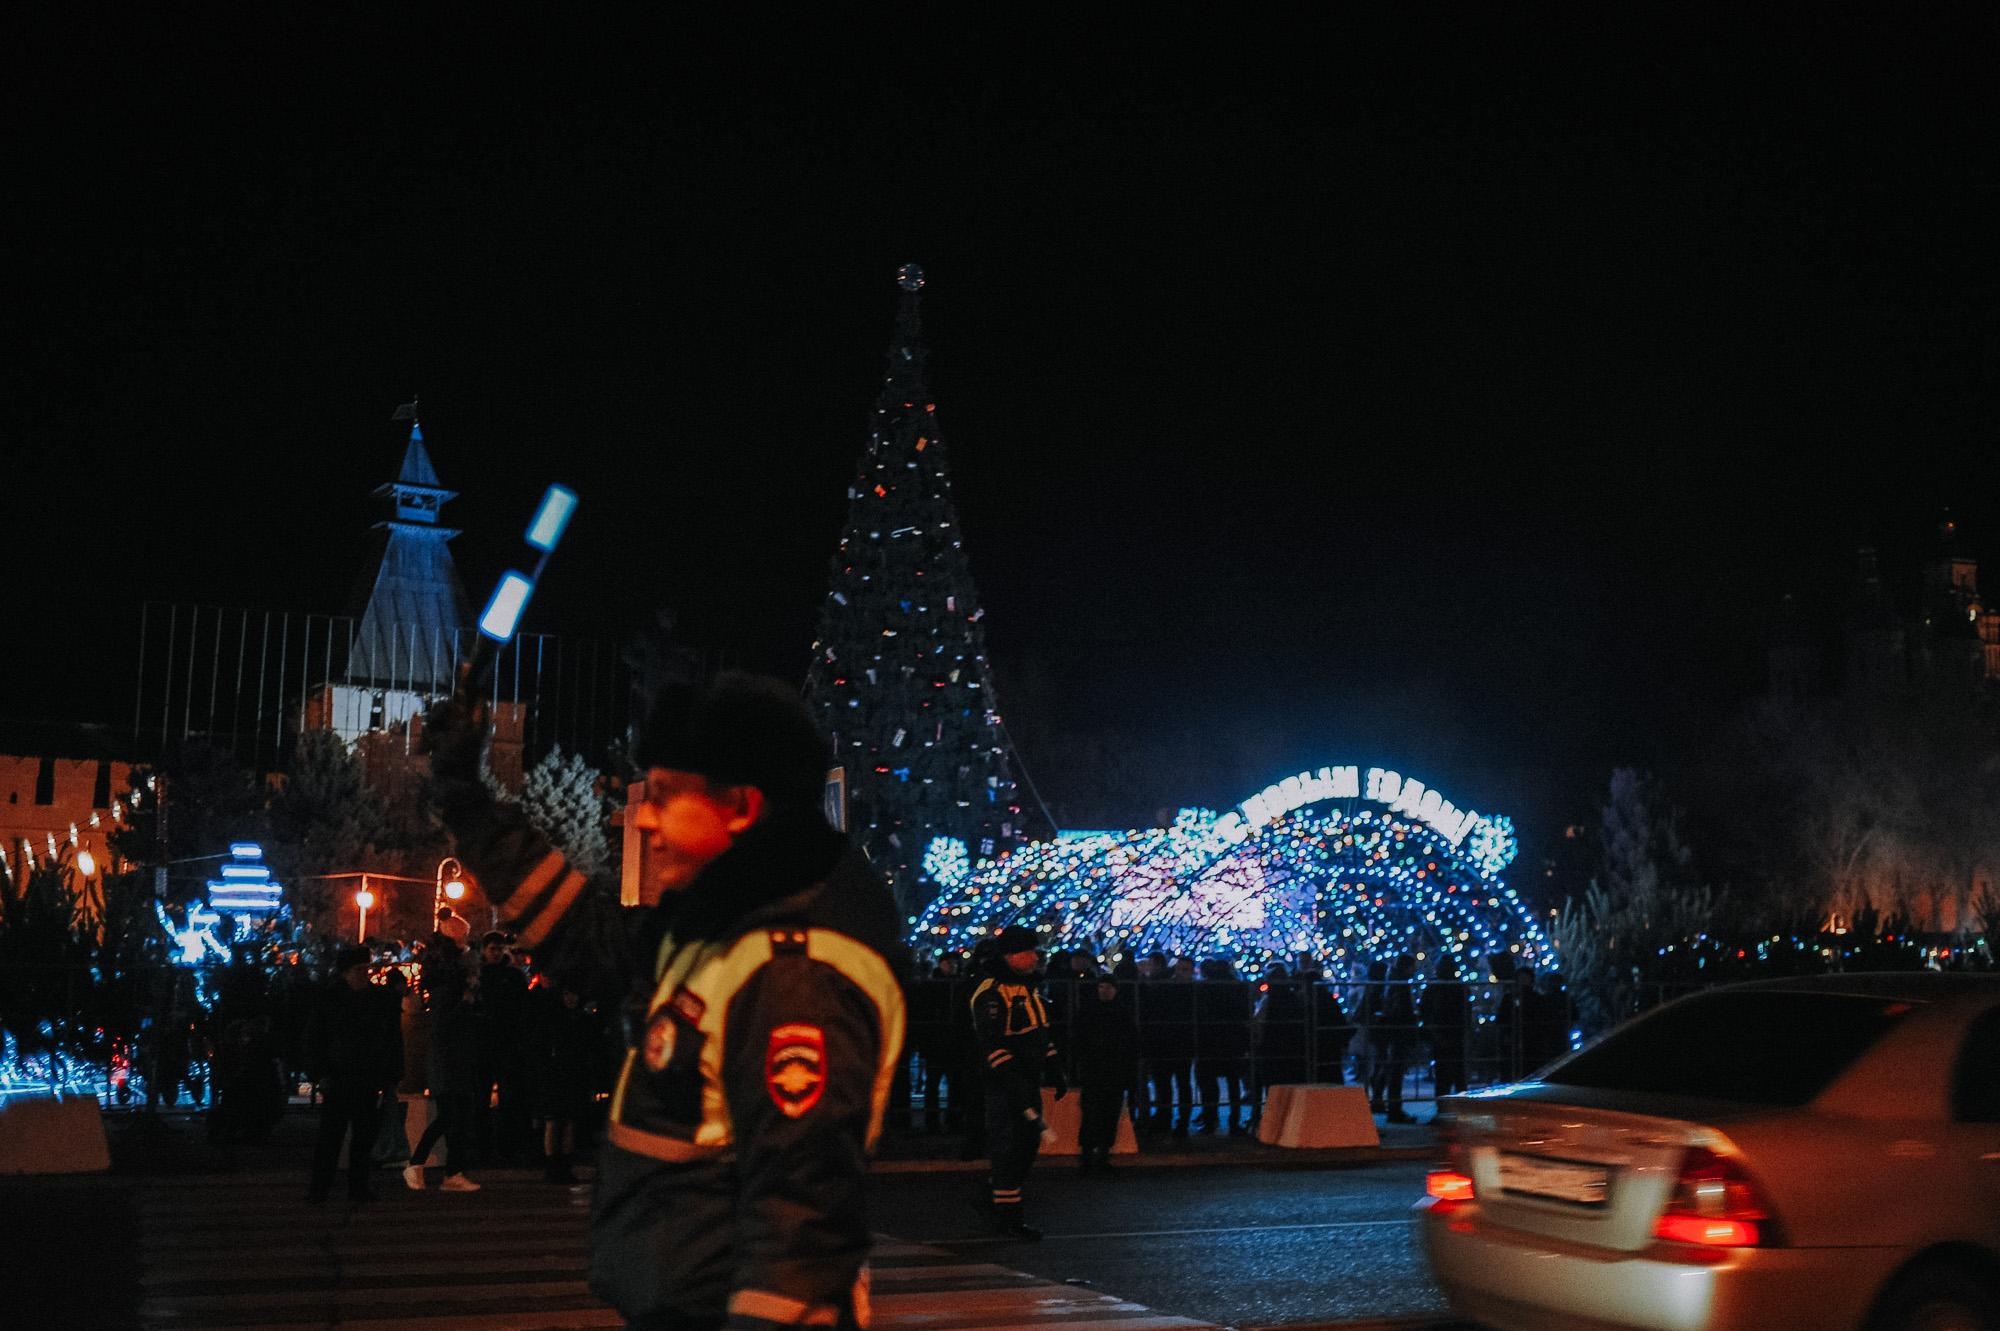 ZZZ 6829 В Астрахани на площади Ленина зажгли новогоднюю елку: кадры торжества